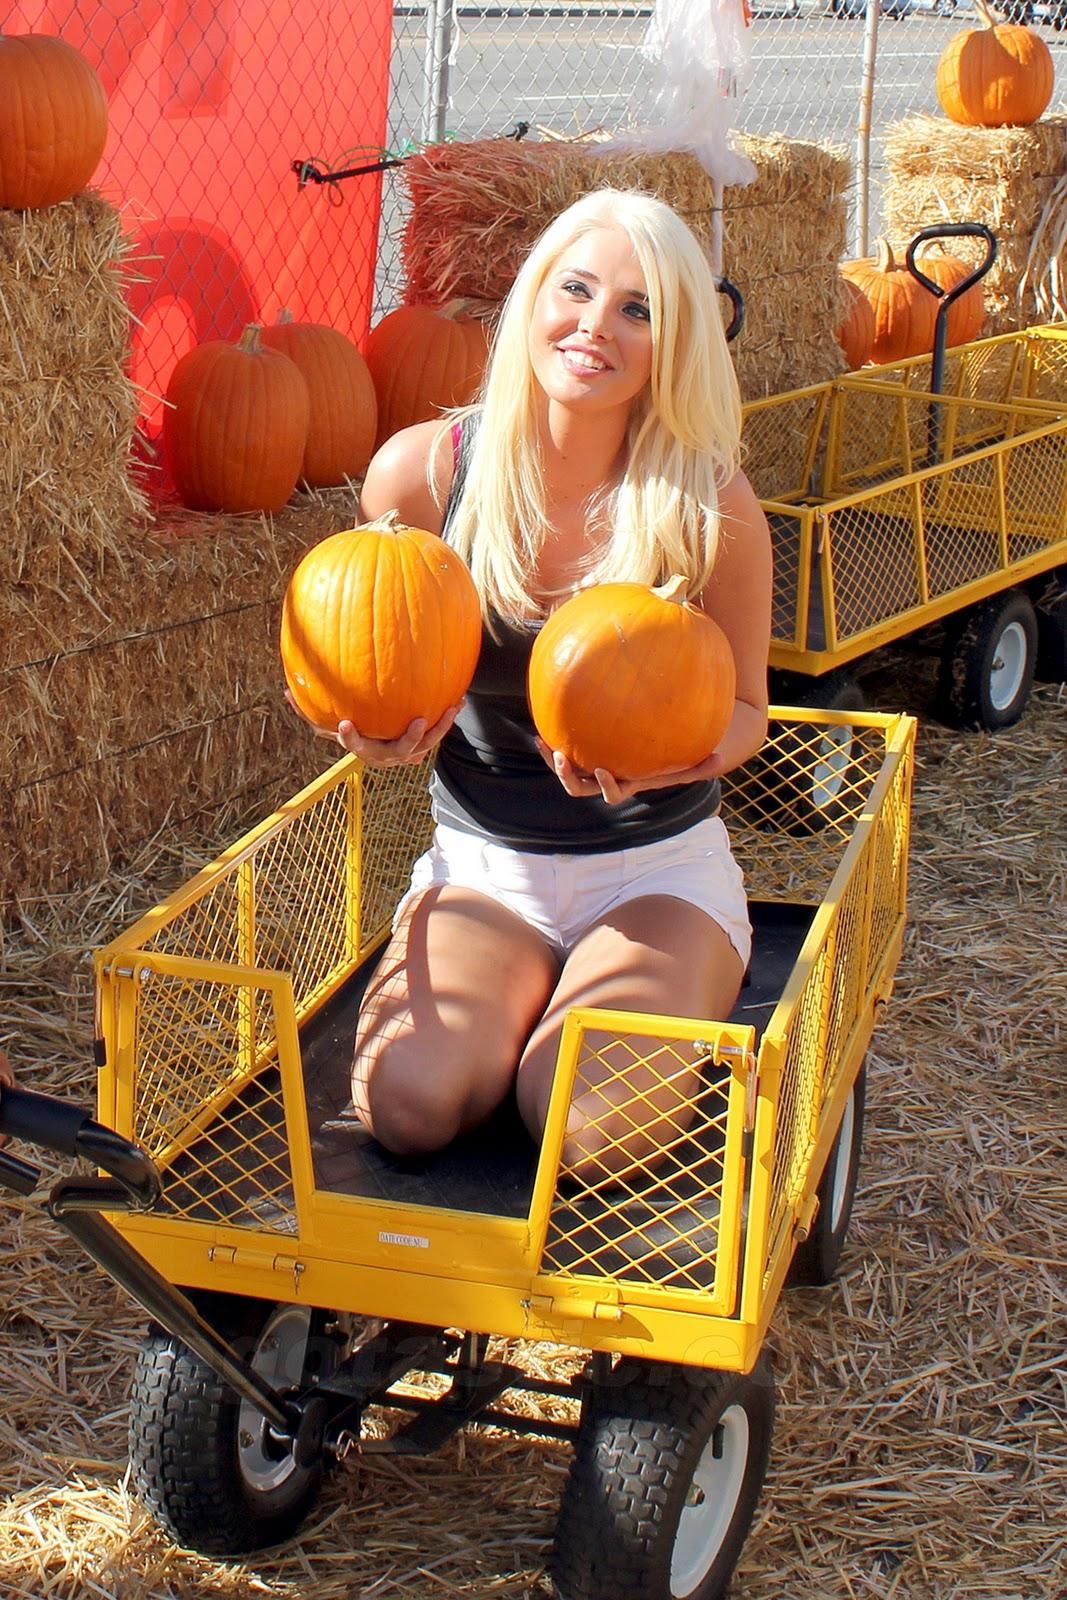 http://3.bp.blogspot.com/_WDCWEjl45FQ/TTXudnWyd0I/AAAAAAAACsw/iCFHDD4eSiQ/s1600/karissa-shannon-pumpkin-patch-01.jpg